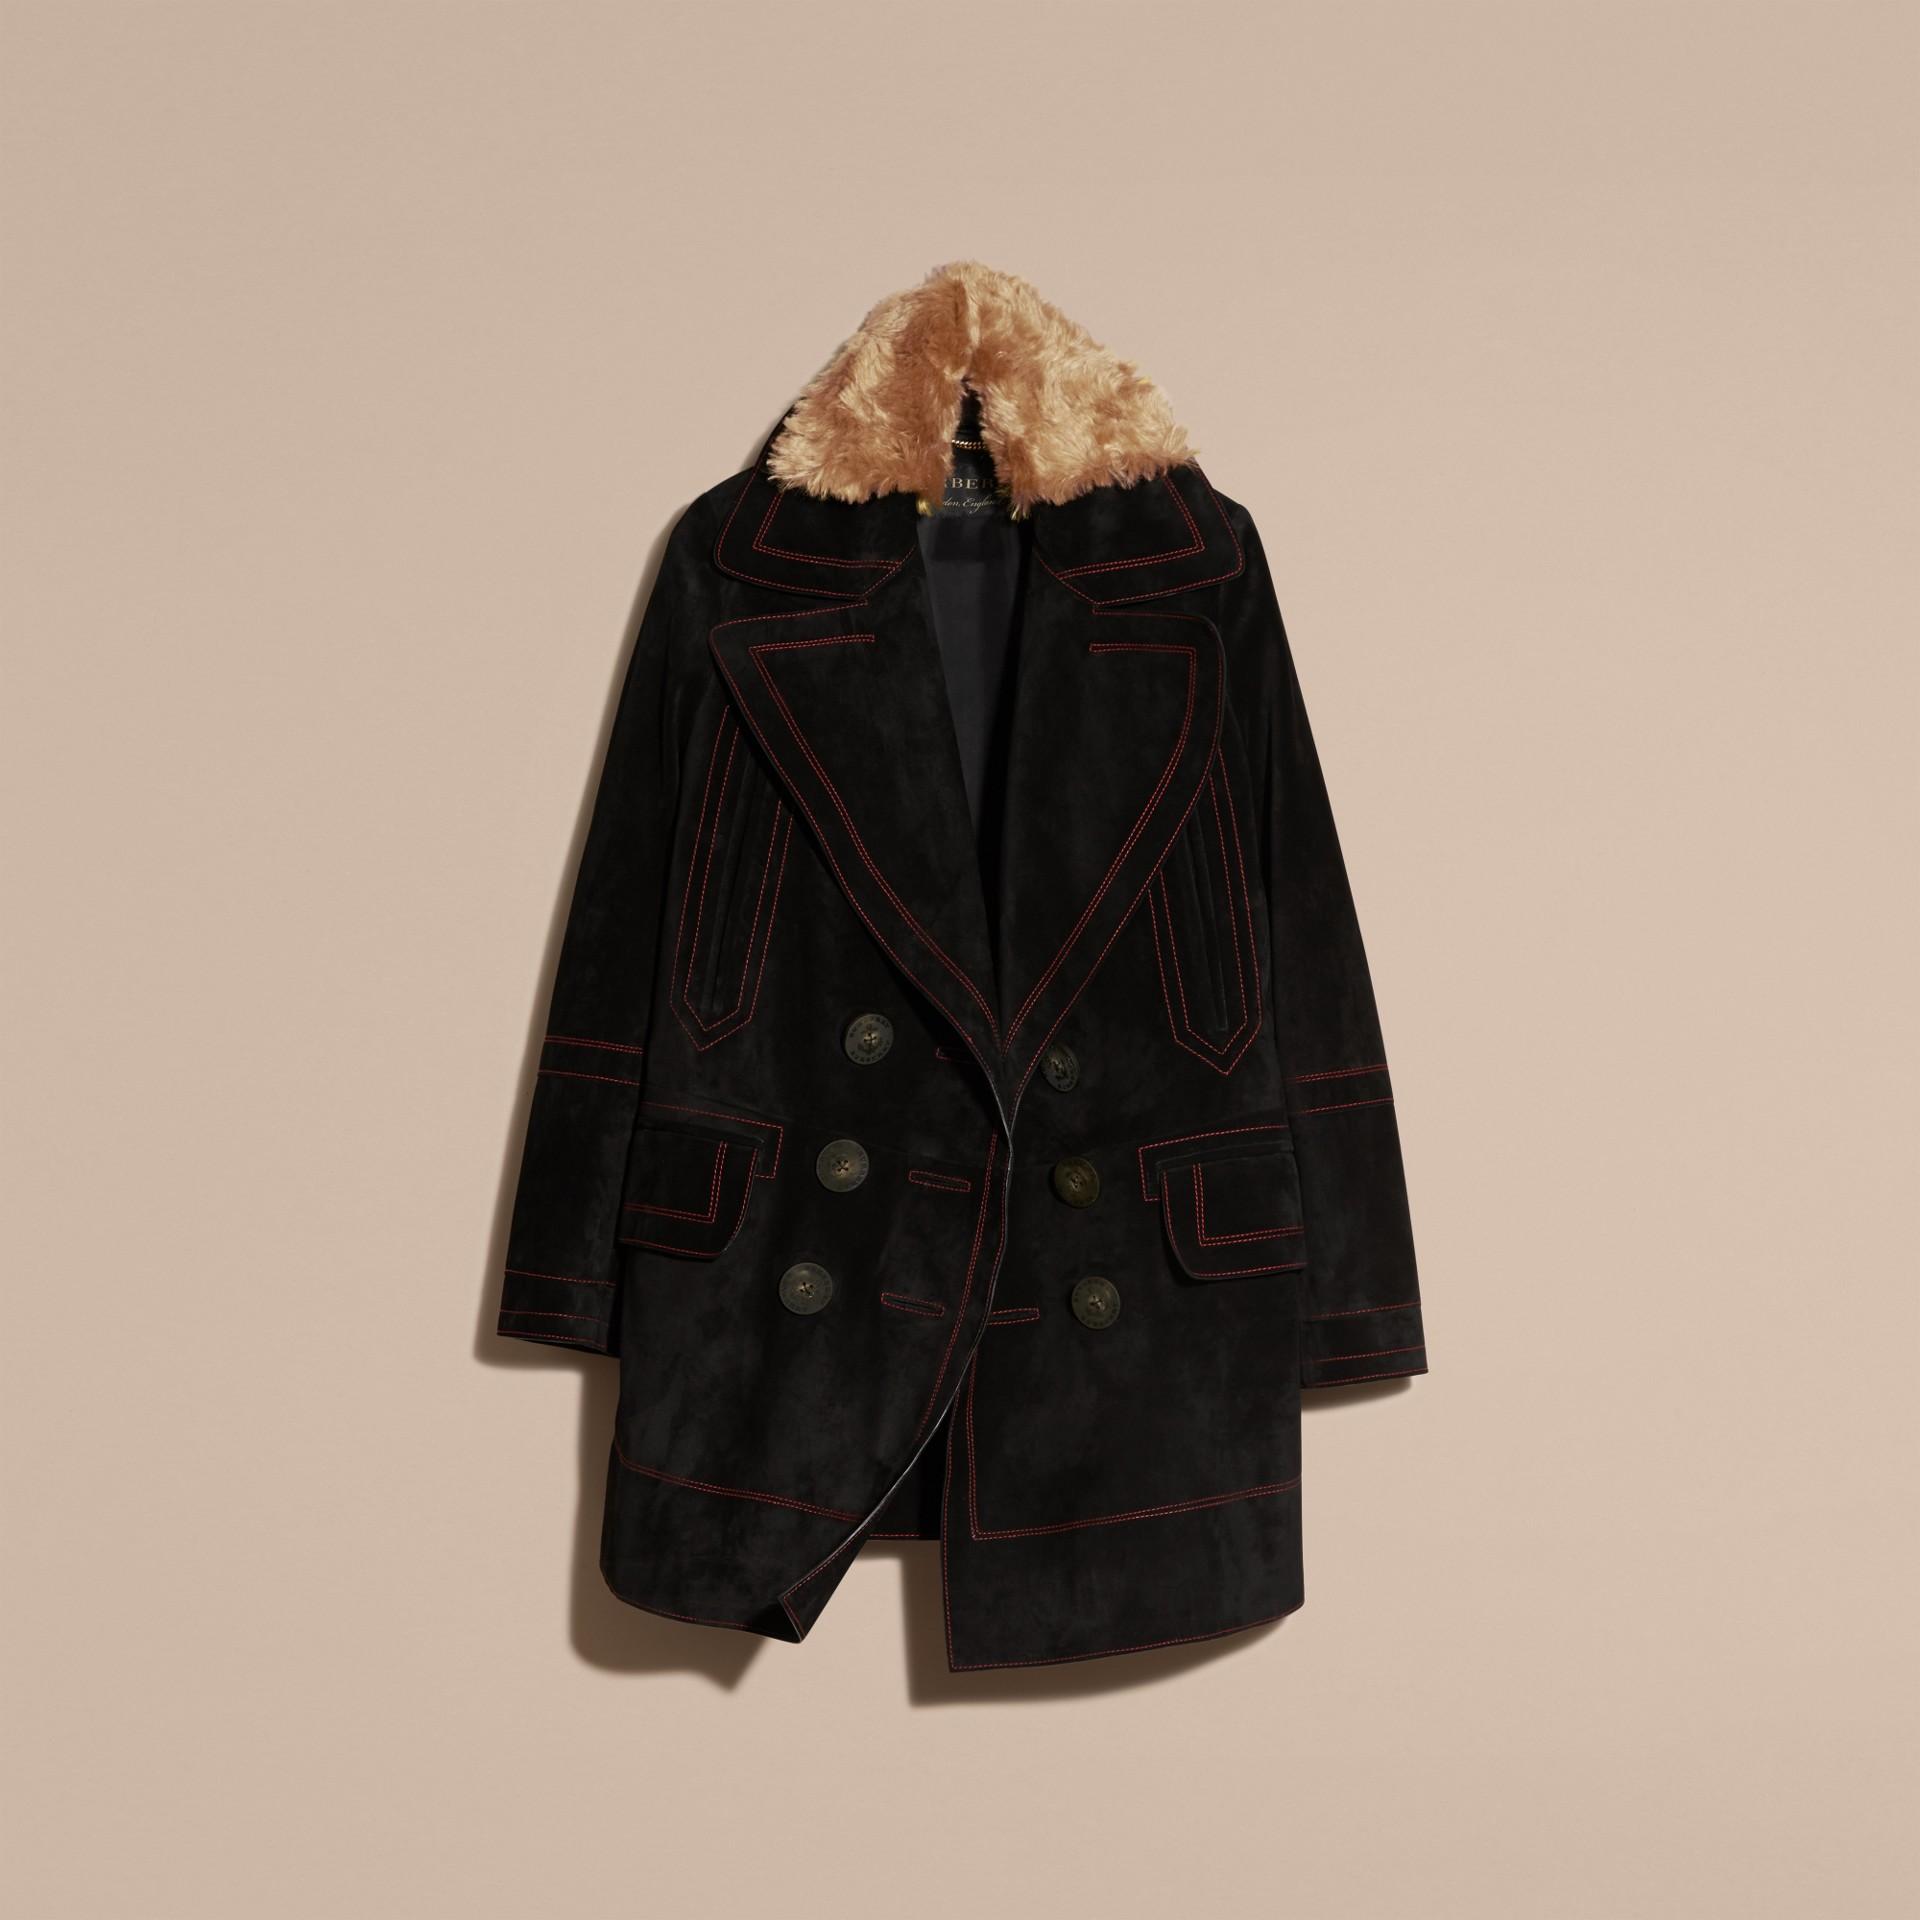 Nero Pea coat in pelle scamosciata con sopracollo in shearling - immagine della galleria 4